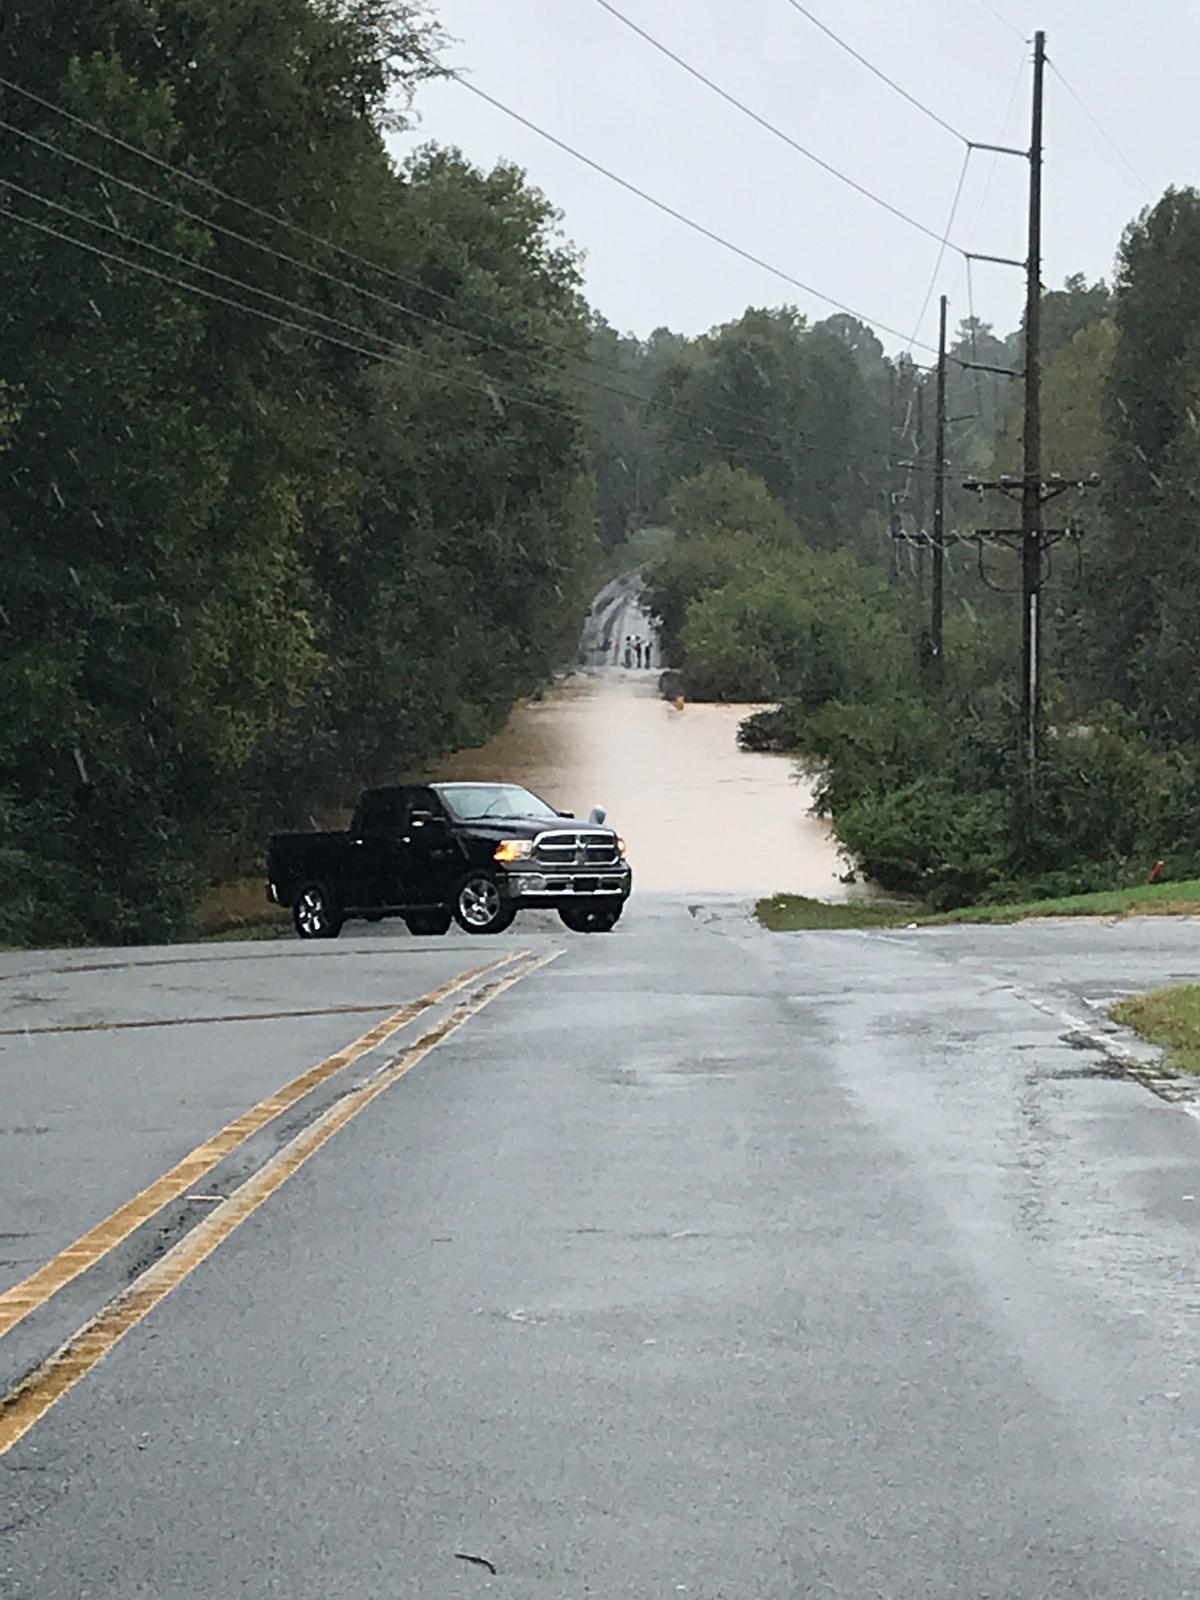 Las autoridades hicieron un llamado a la comunidad para que eviten conducir por zonas inundadas